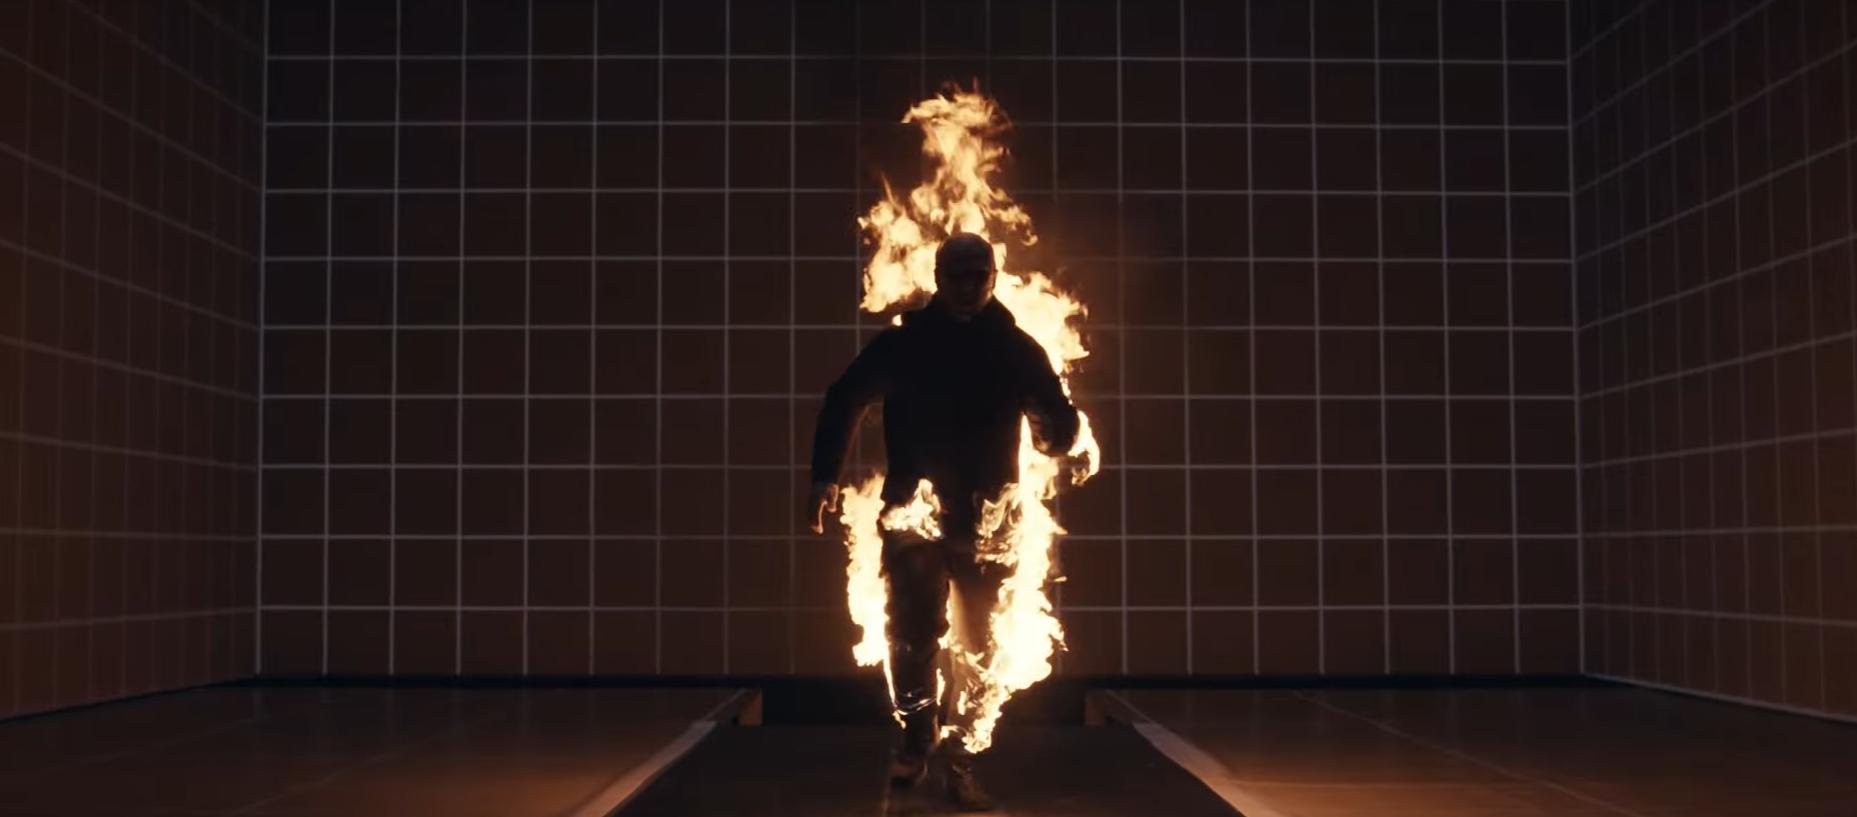 Evolution of Stunts – zobacz najbardziej kultowe popisy kaskaderskie w historii kina